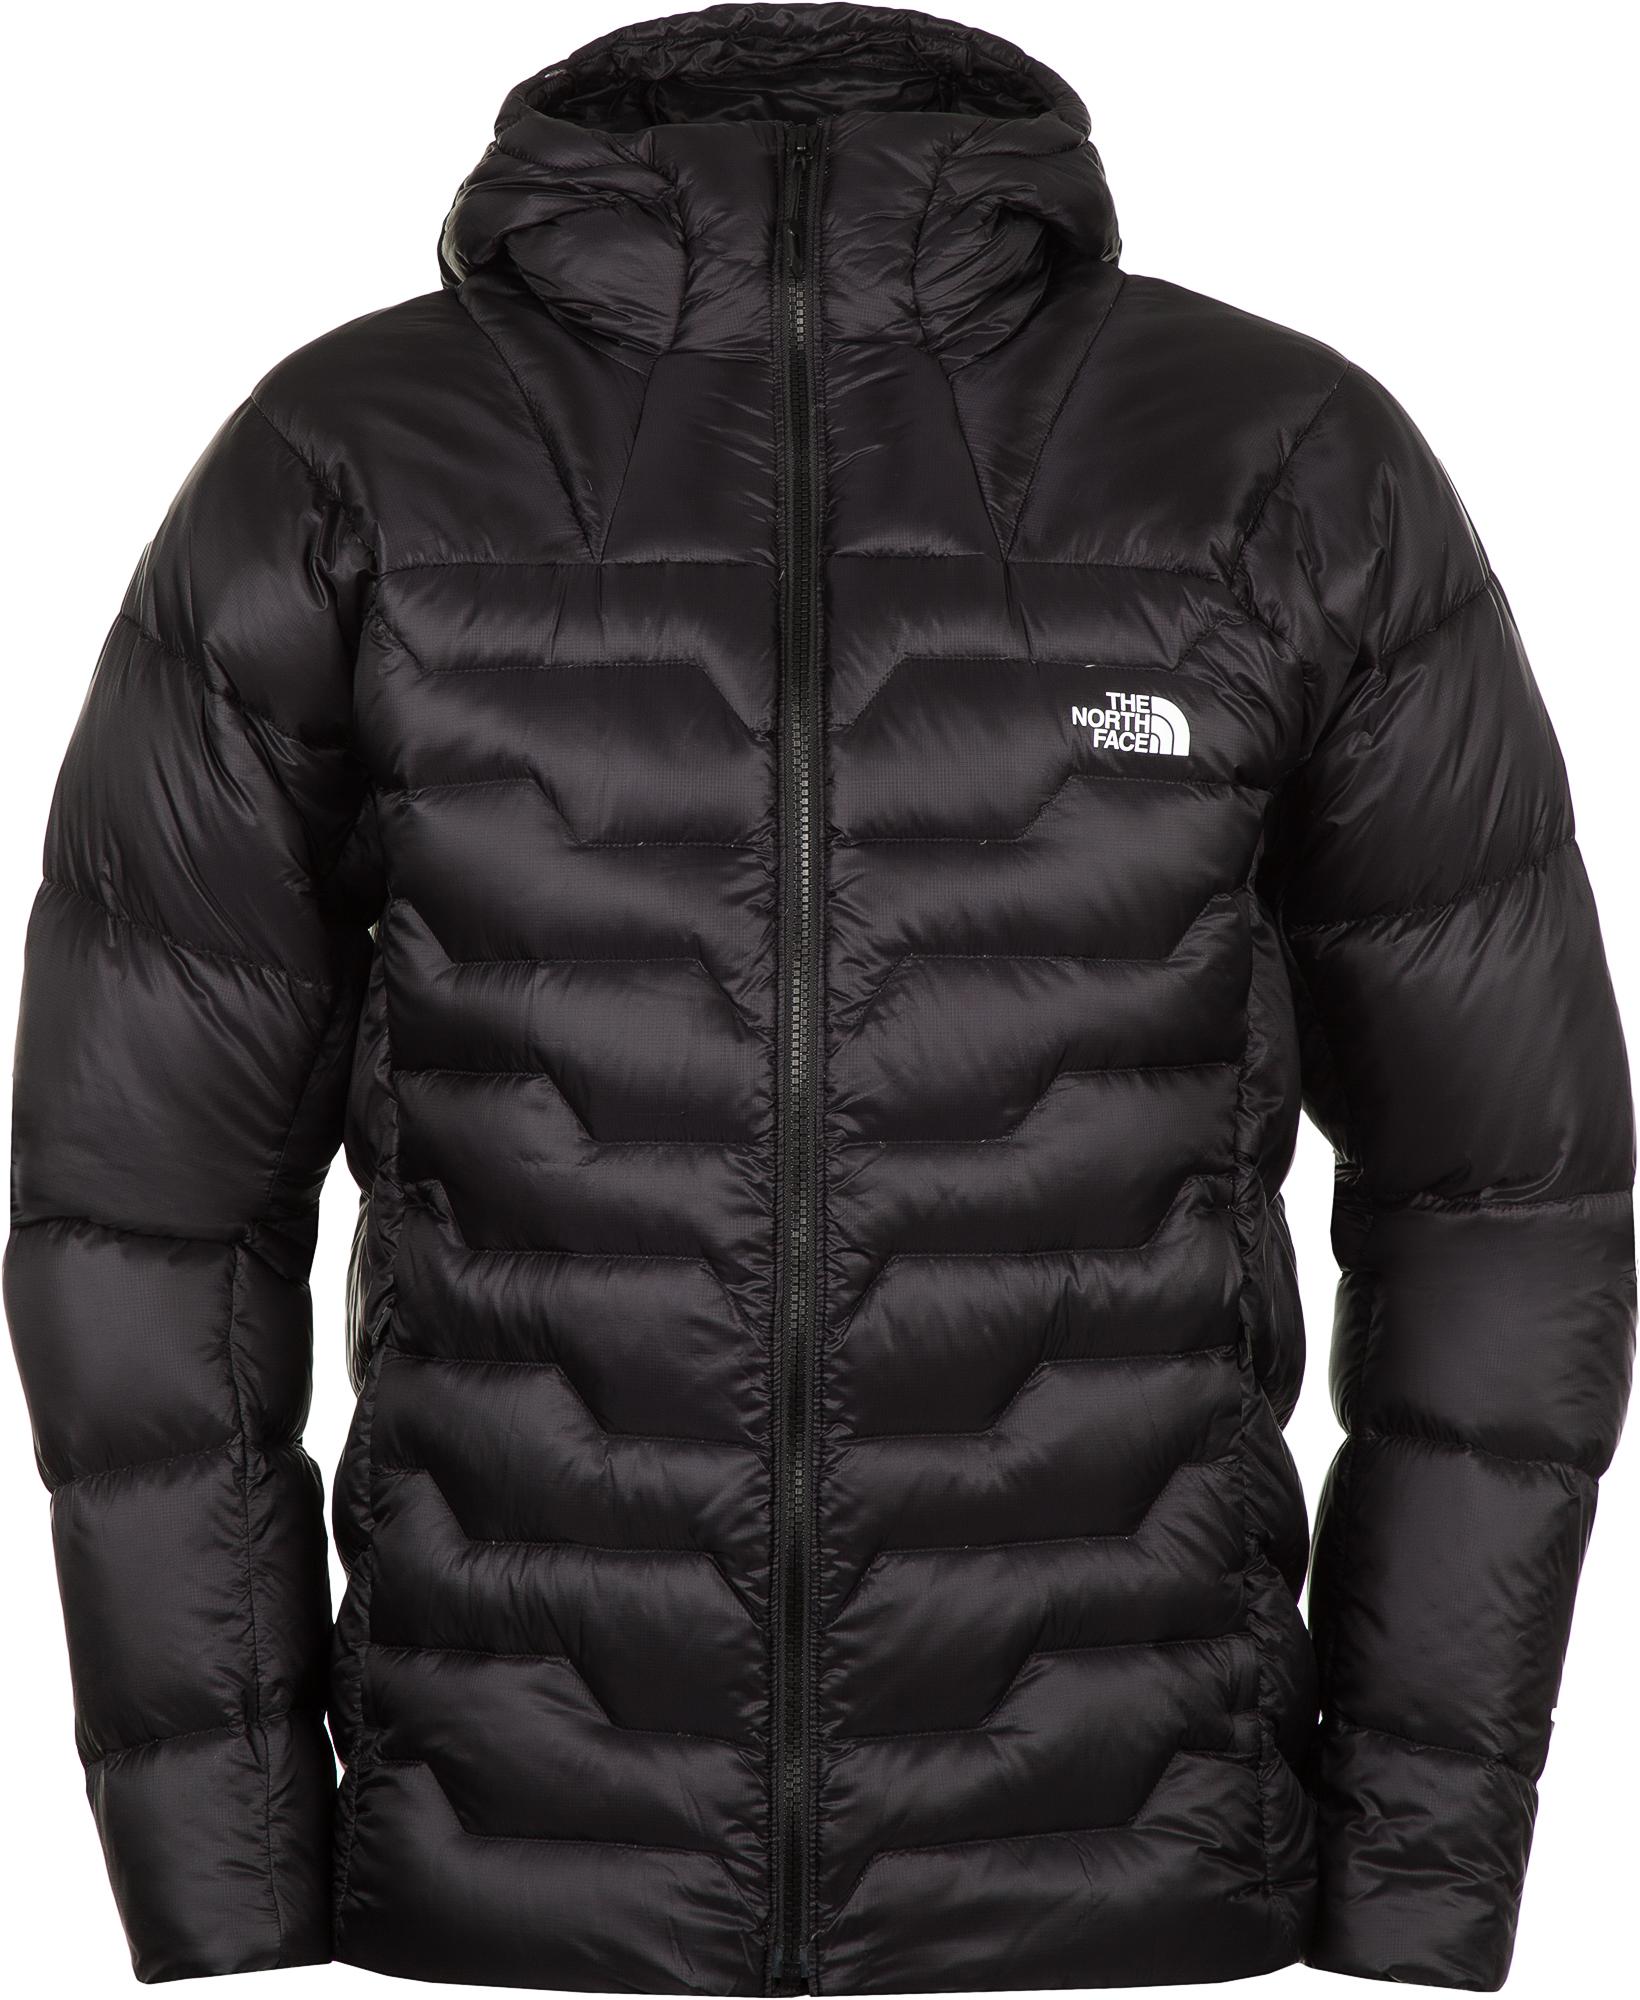 The North Face Куртка пуховая мужская Impendor, размер 52